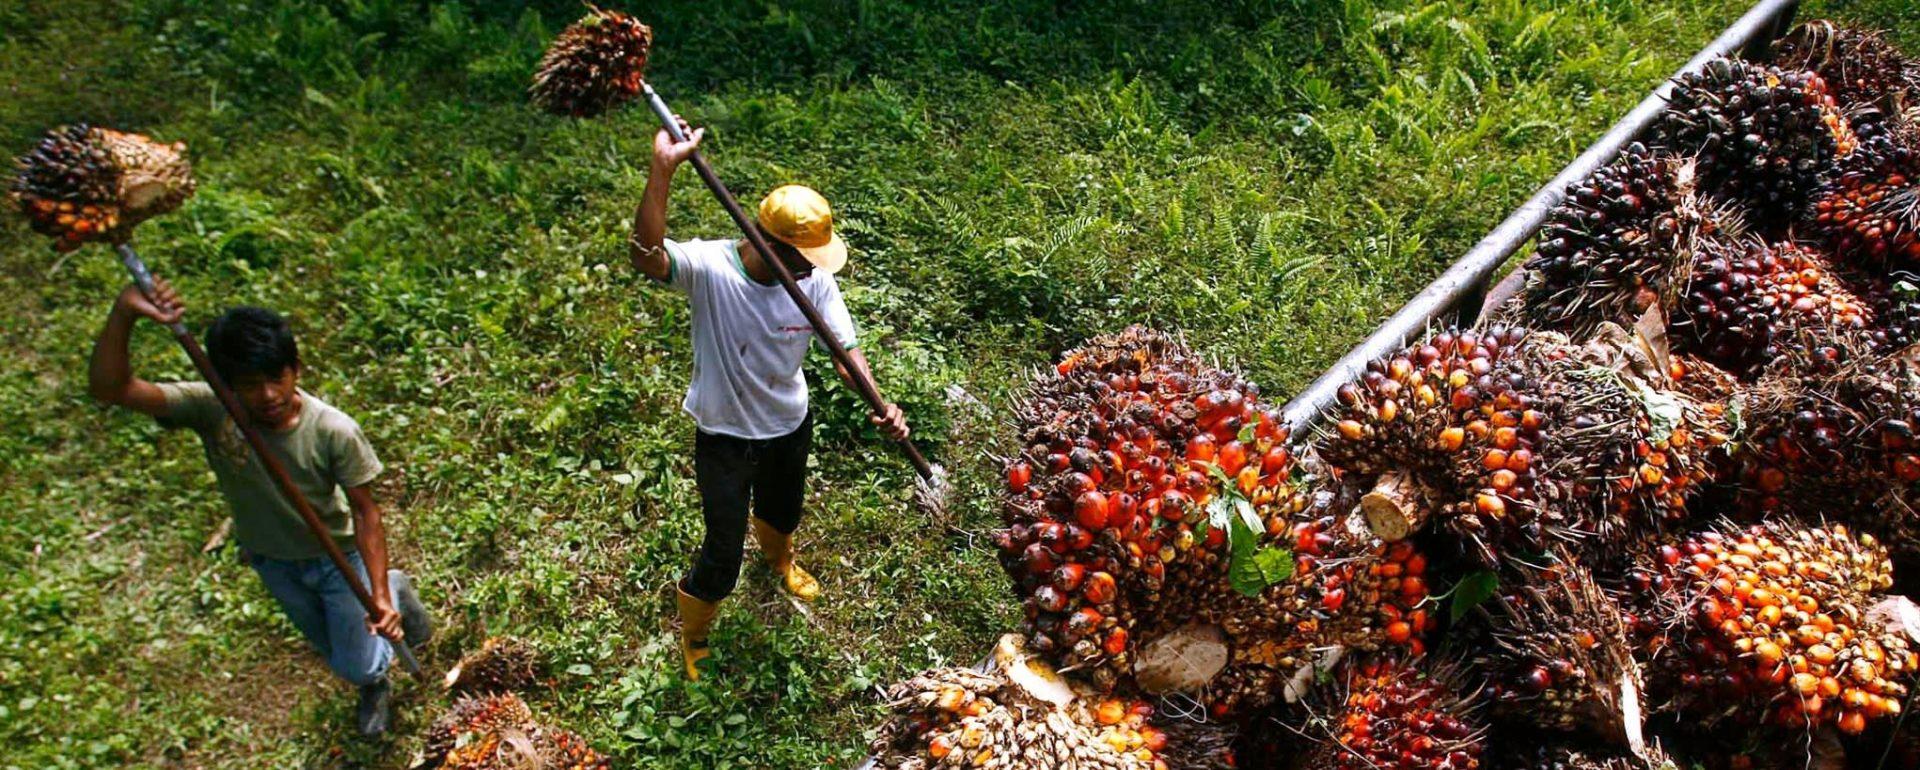 La Malaisie est le deuxième producteur mondial d'huile de palme avec 39% de la production globale. (Source : Asia Nikkei)